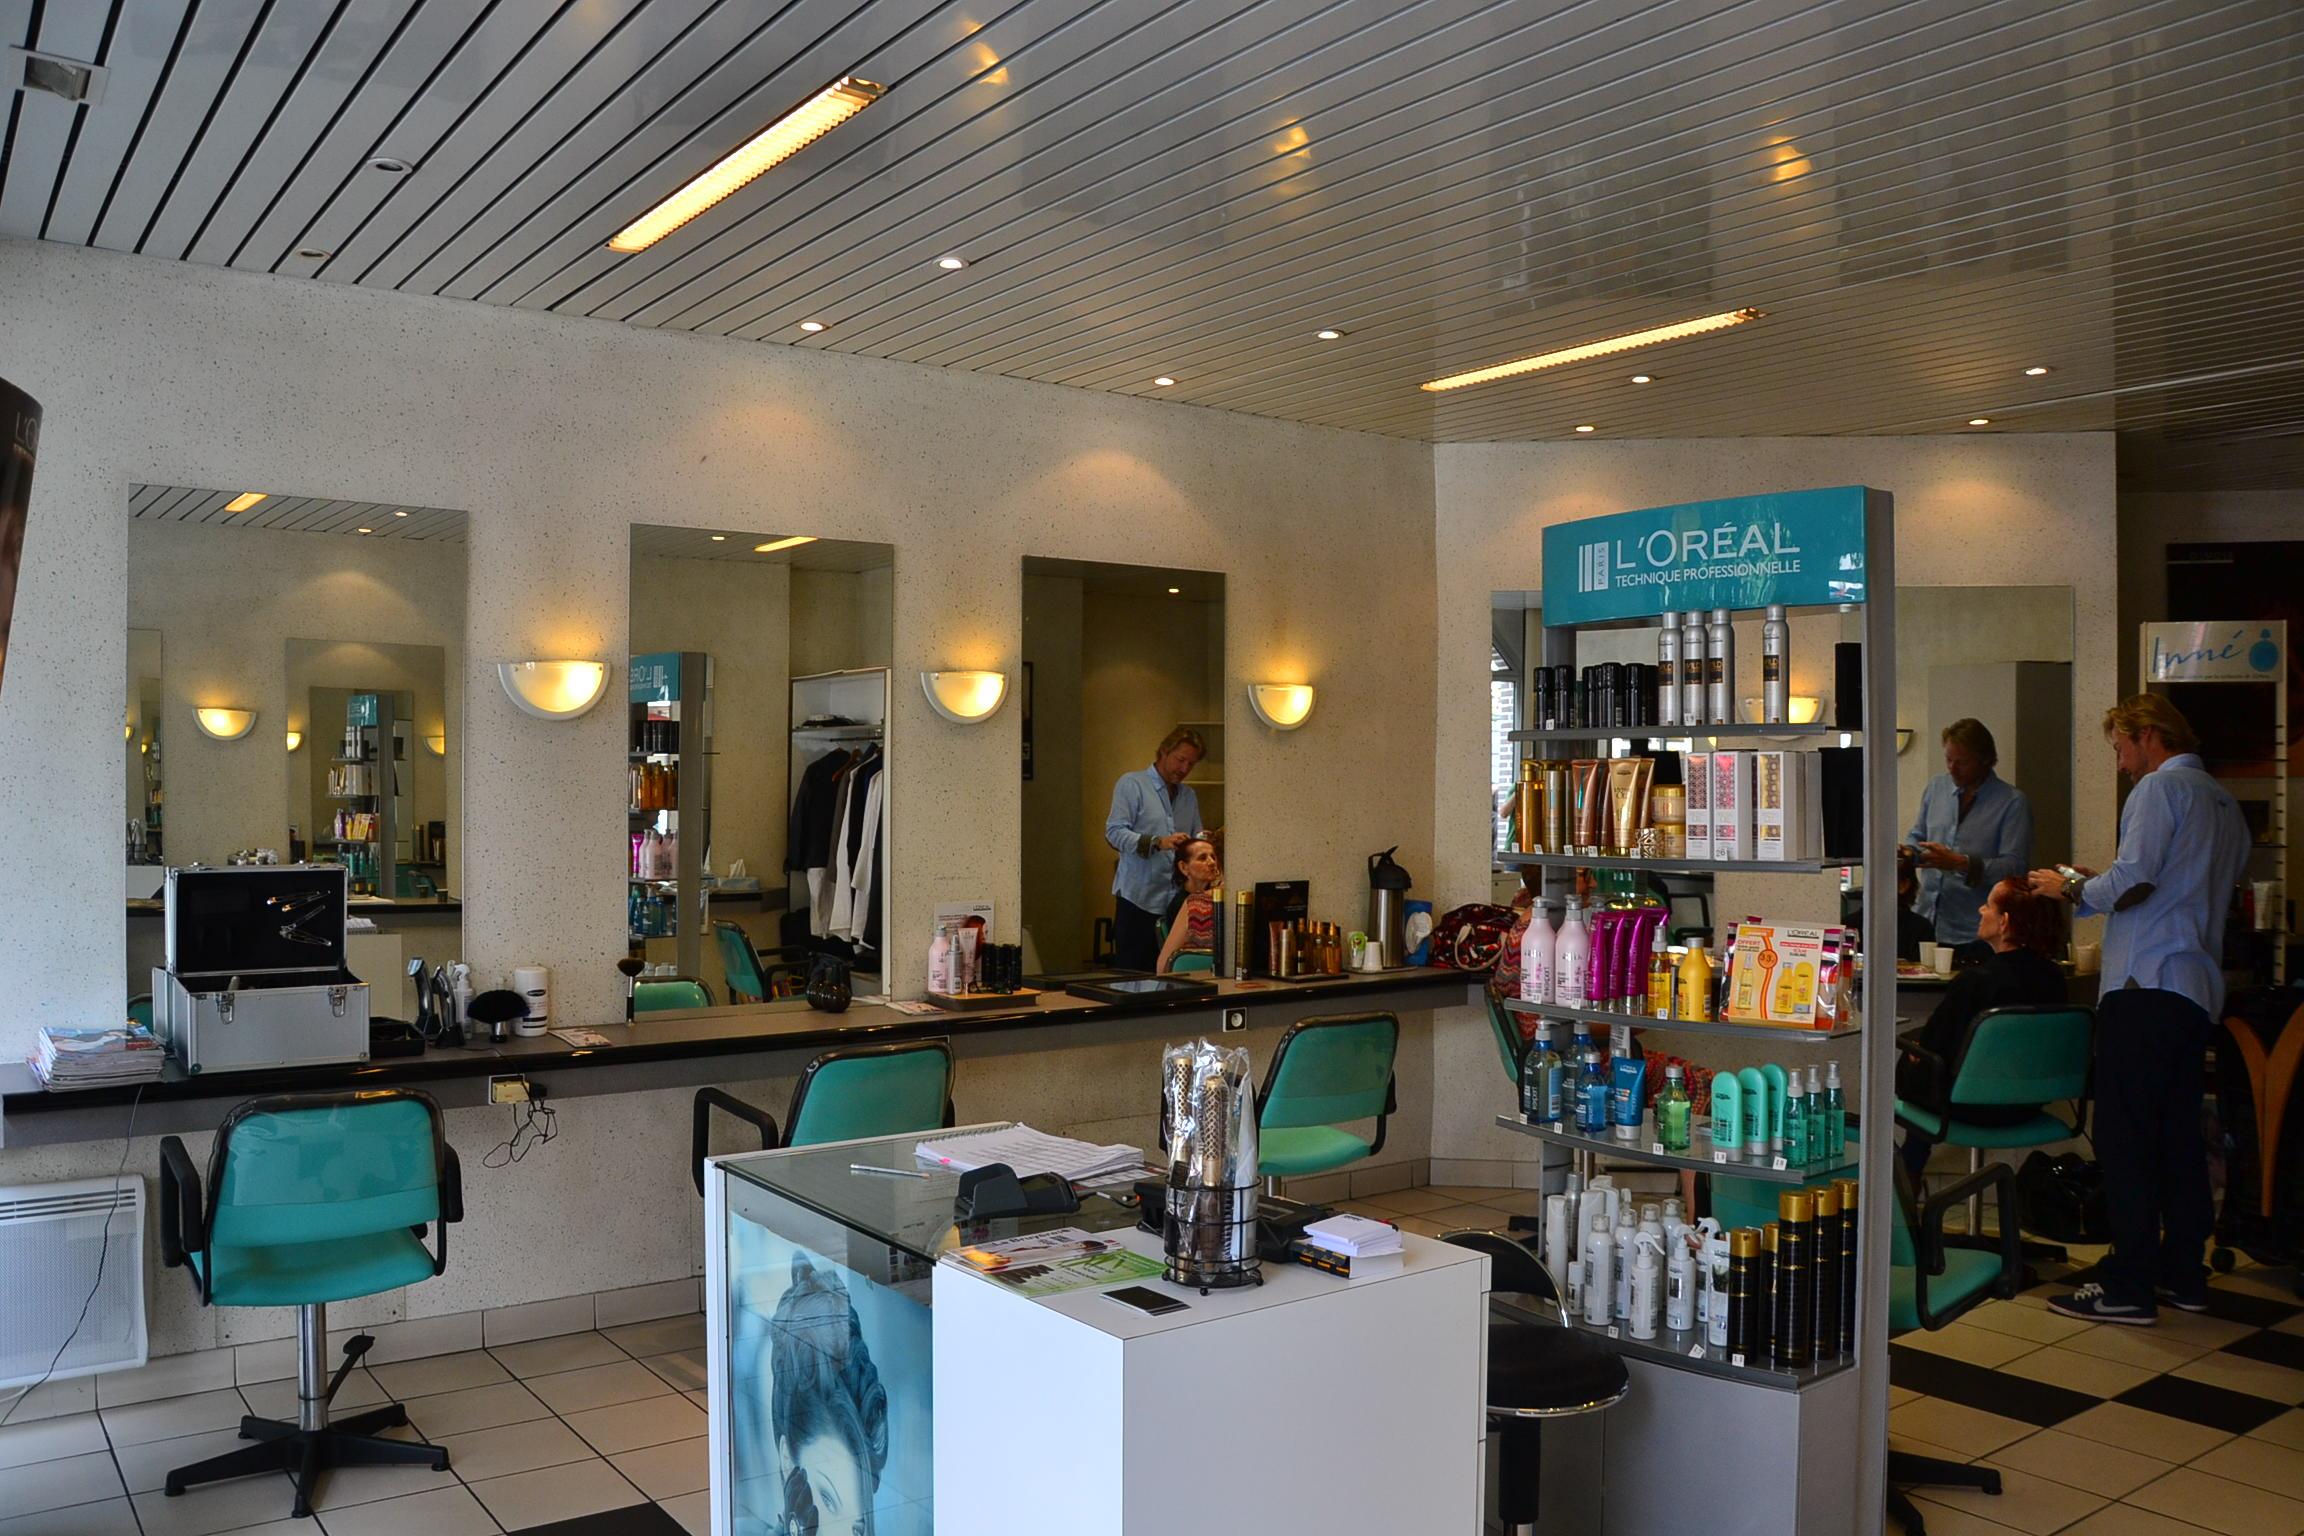 Architecte Interieur Paris 18 salon de coiffure thierry lenoble paris 18 | petitscommerces.fr